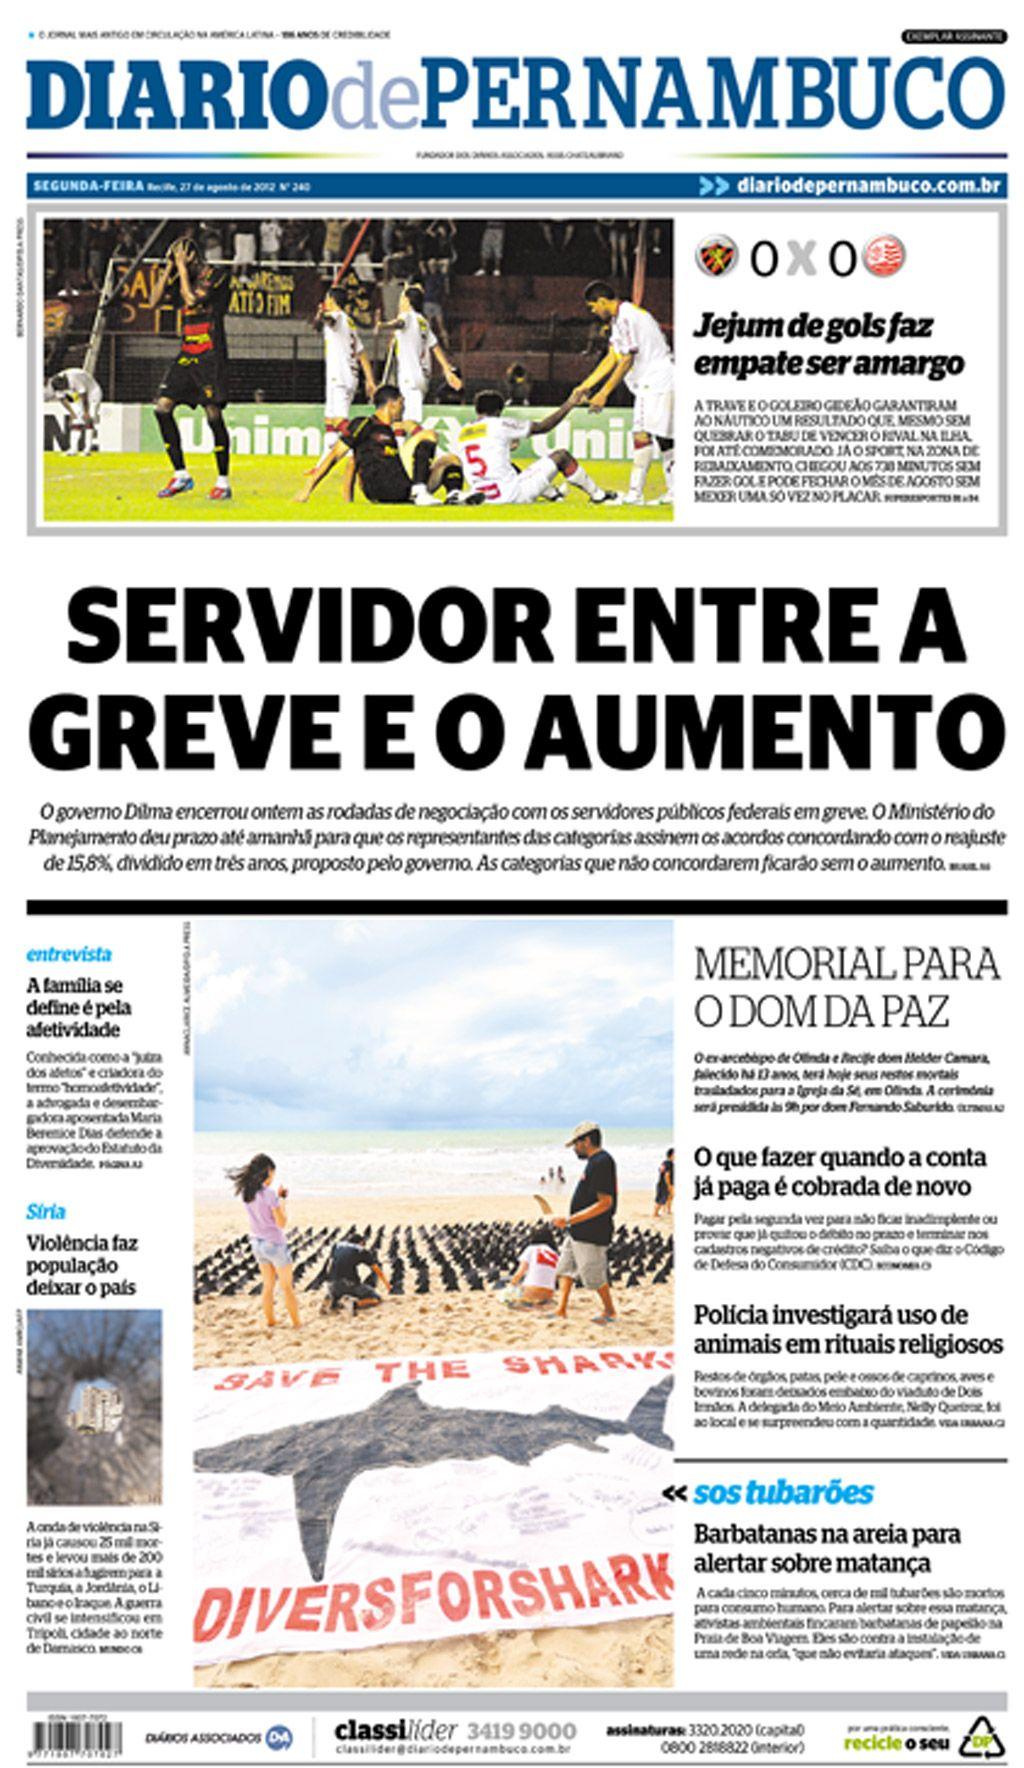 6d23980da6 Manifestação pacífica pela preservação dos tubarões sai na capa do Diário  de Pernambuco. Shark preservation at Pernambuco Newspaper cover!